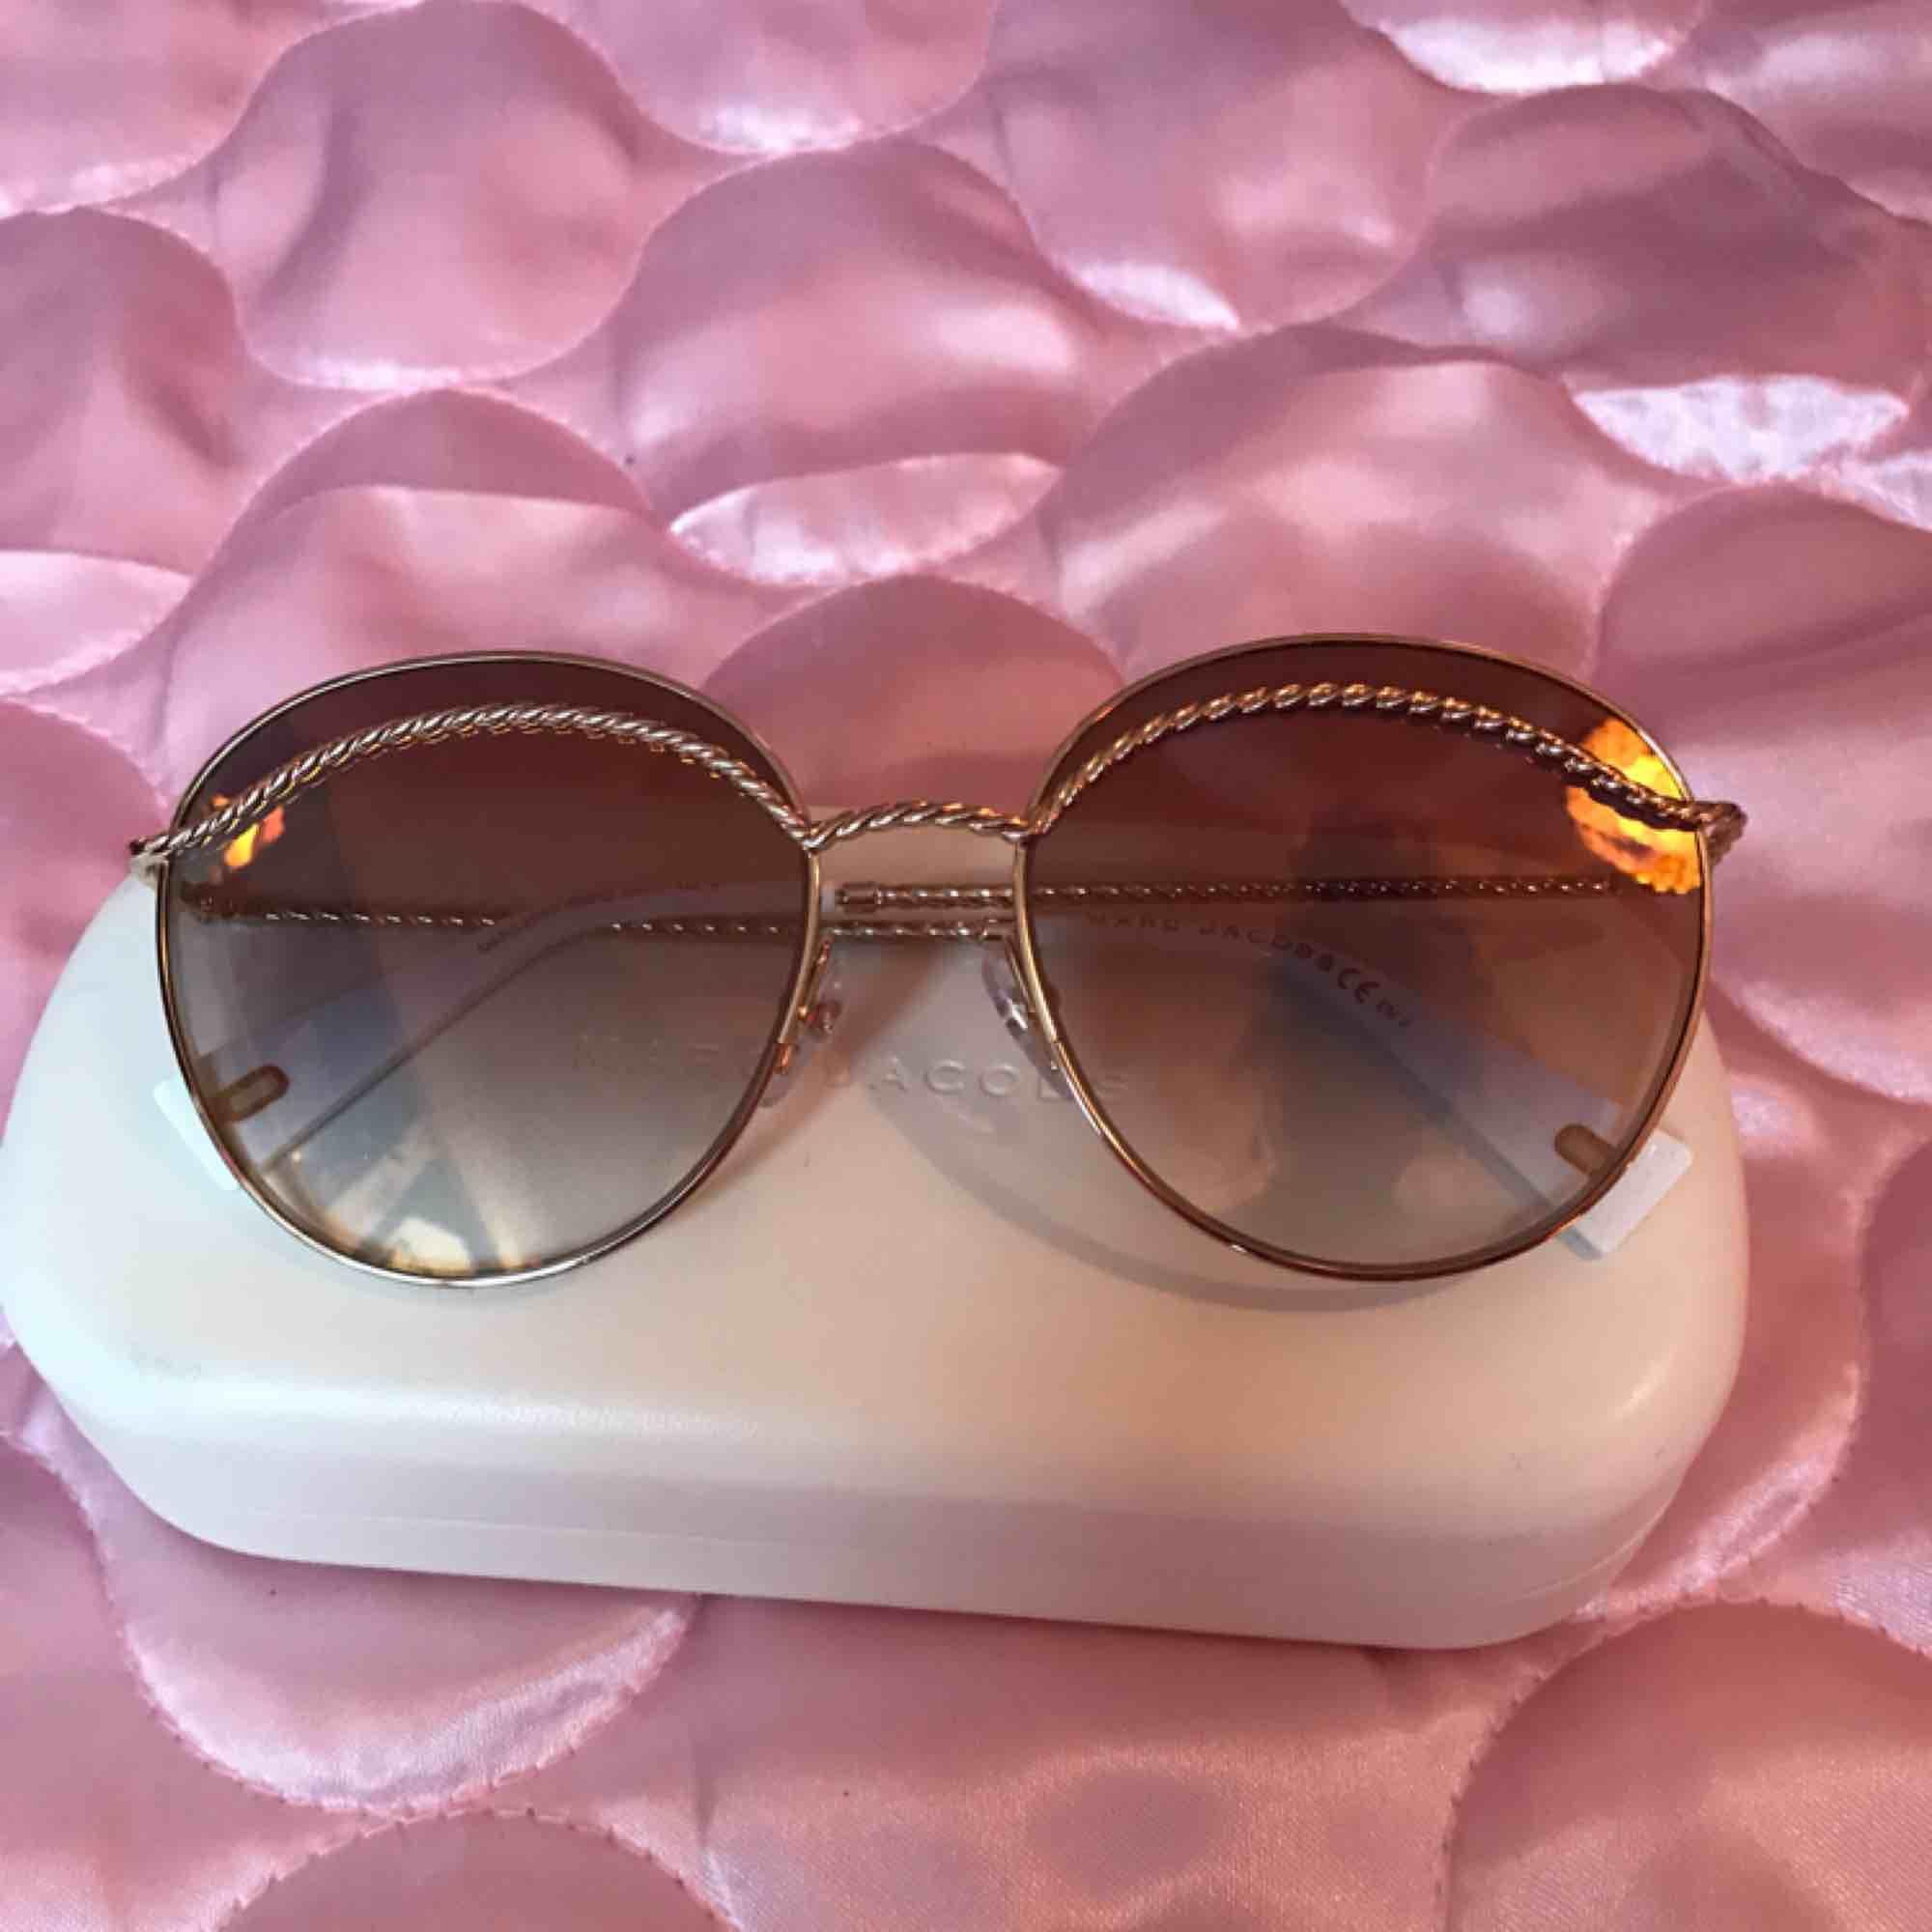 Helt oanvända Marc Jacobs solglasögon (modell MARC253S) Nypris ca 1800:- (Nordström)  DMa för köp! ⭐️✨ Xoxo  . Accessoarer.